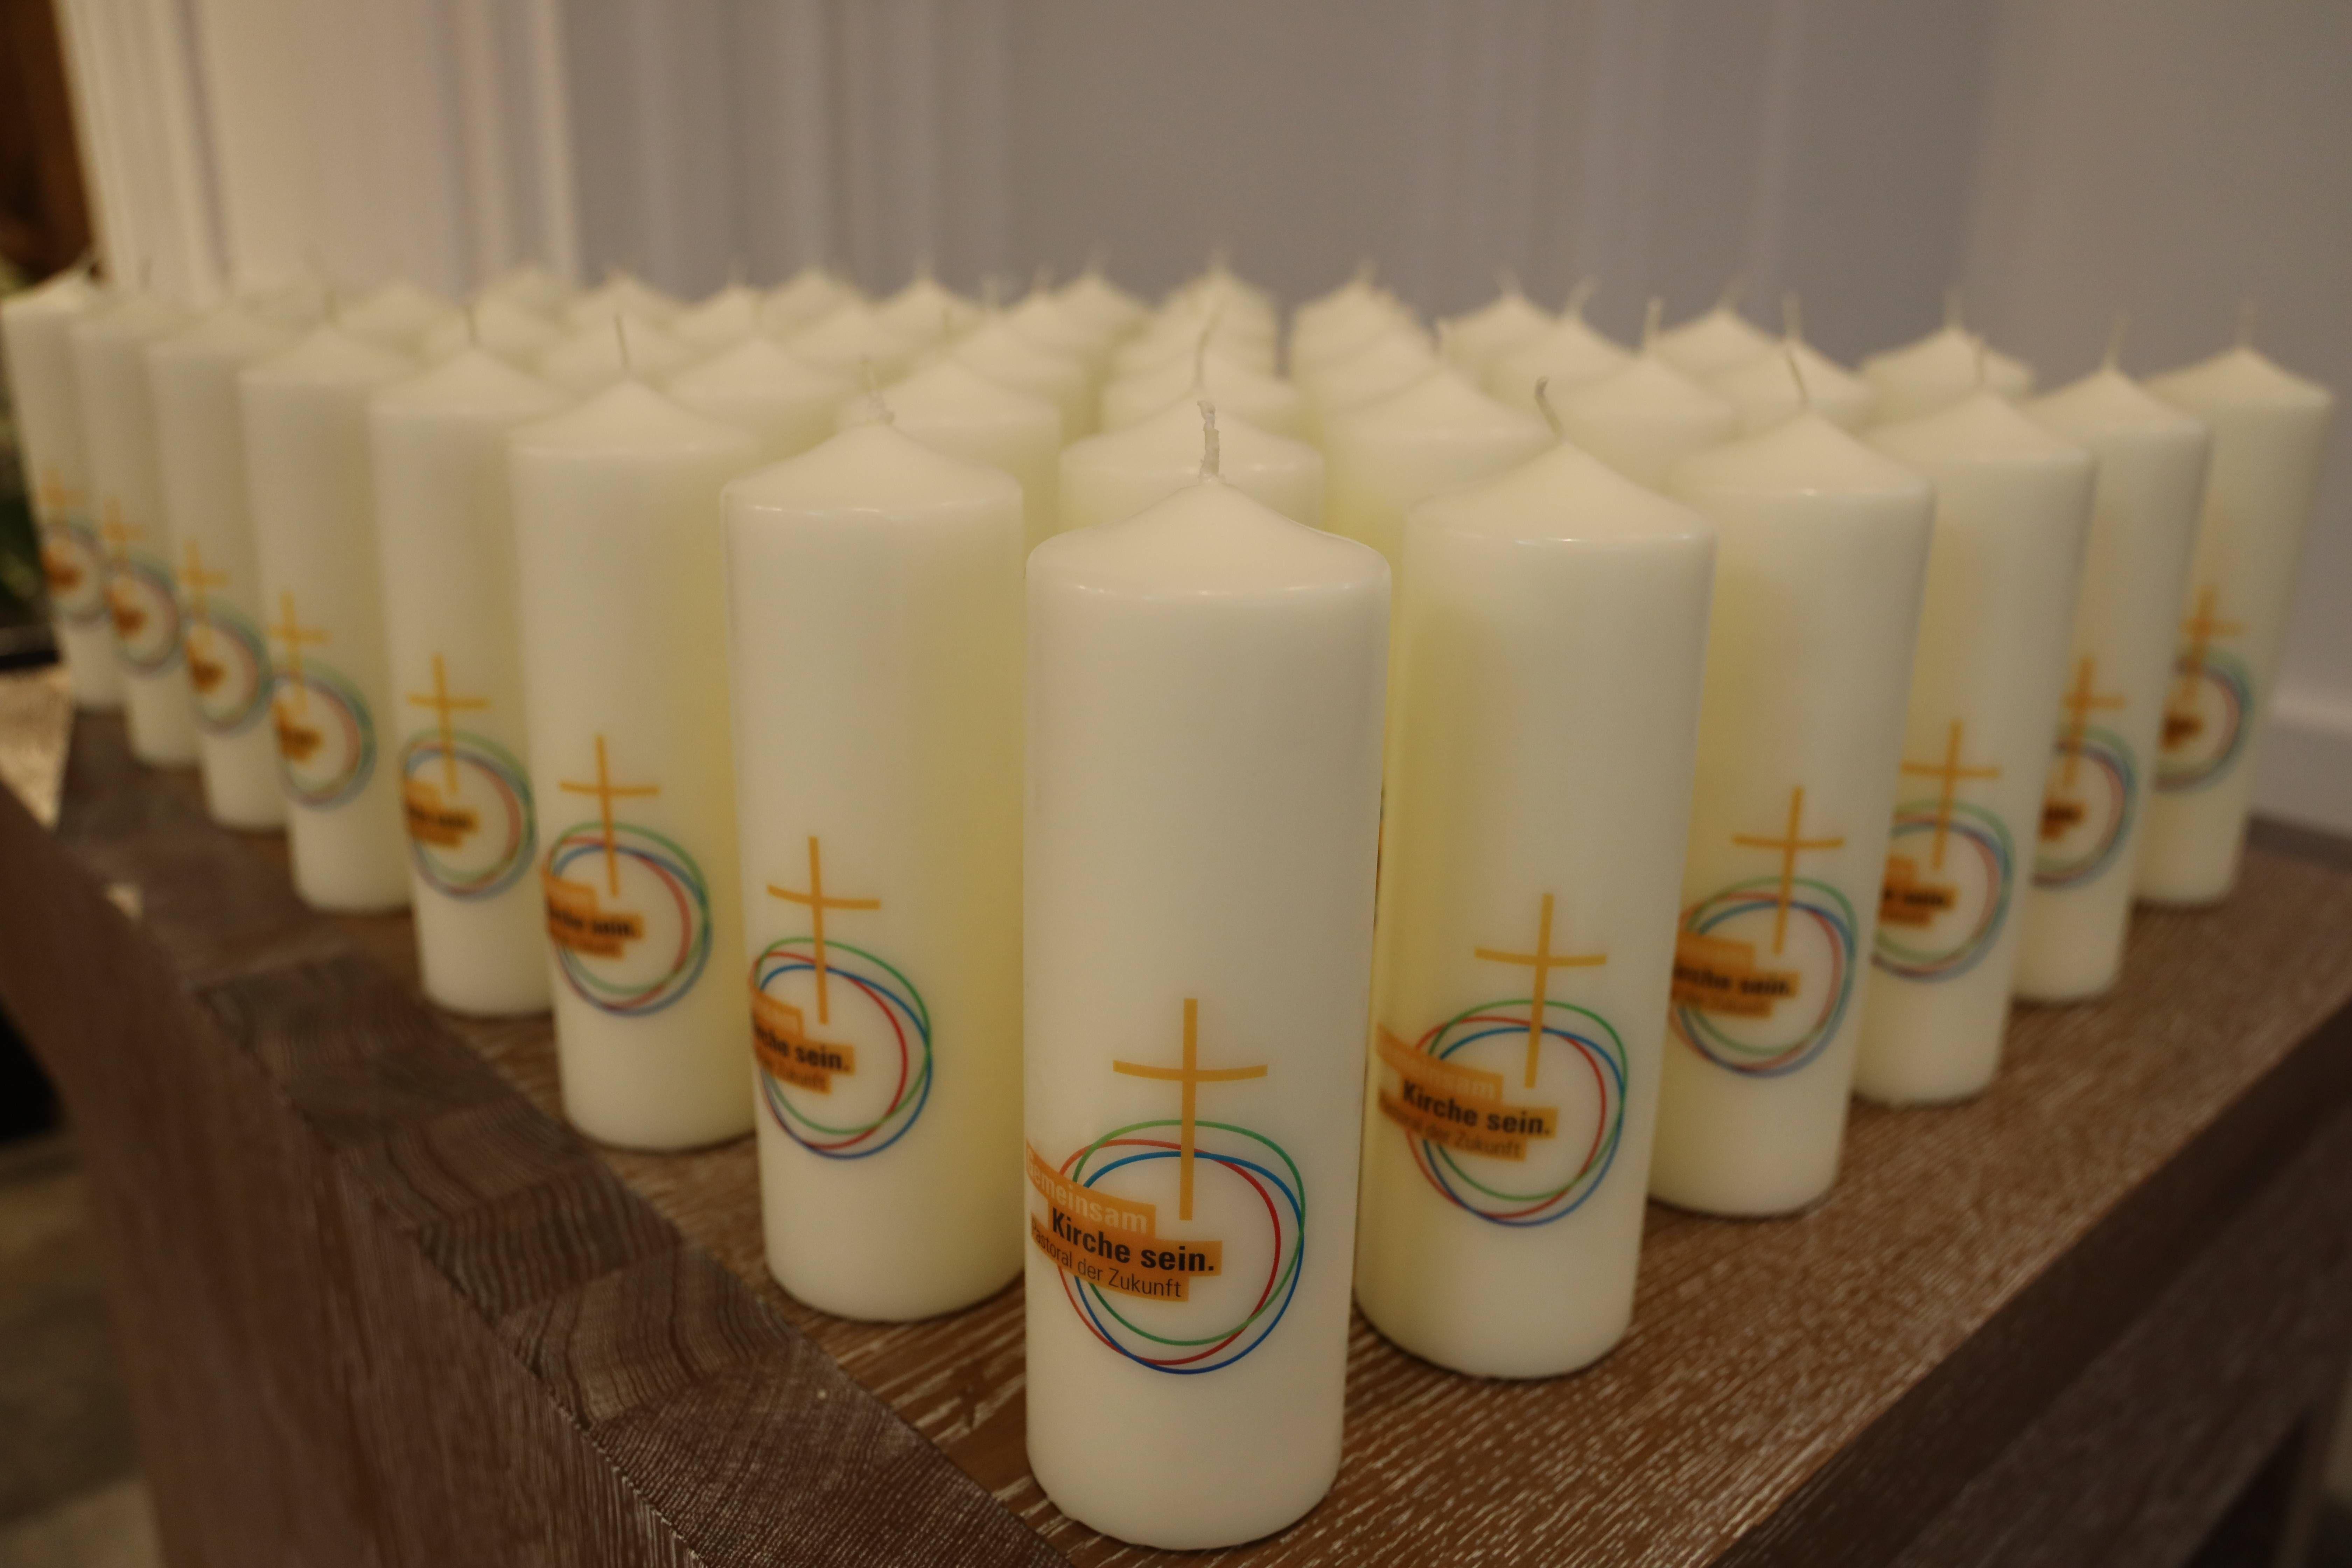 Bischof Dr. Franz Jung hat bei einem Pontifikalgottesdienst am 8. Dezember 2020 im Kiliansdom die Steuerungsgruppen in die 40 Pastoralen Räume des Bistums Würzburg ausgesandt. Als Symbol gab es jeweils eine brennende Kerze mit auf den Weg.